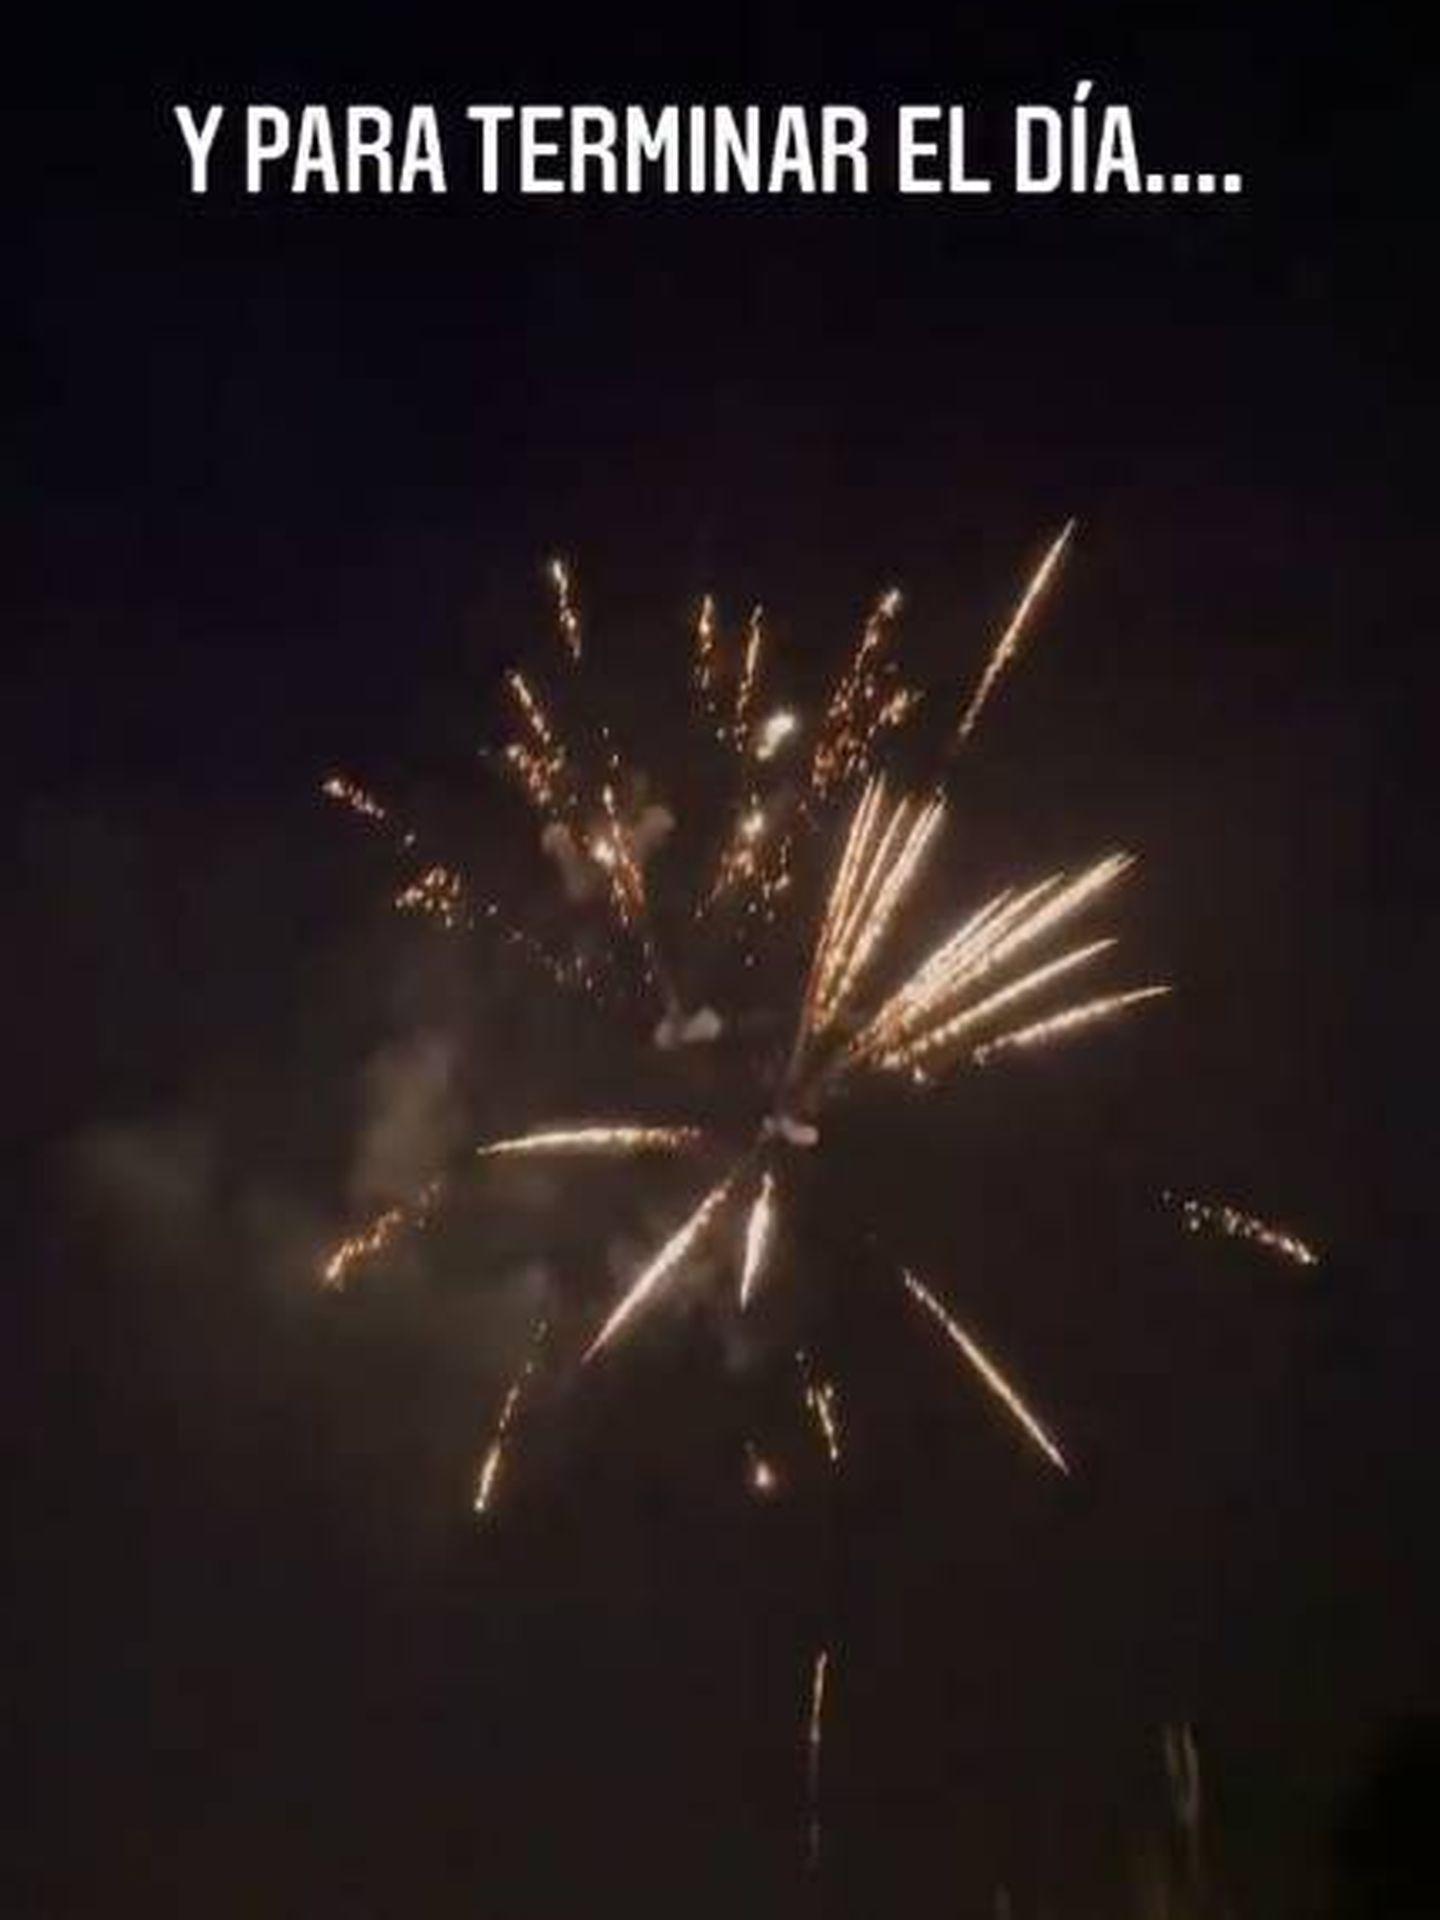 Y para terminar, fuegos artificiales. (IG @evagonzalezoficial)